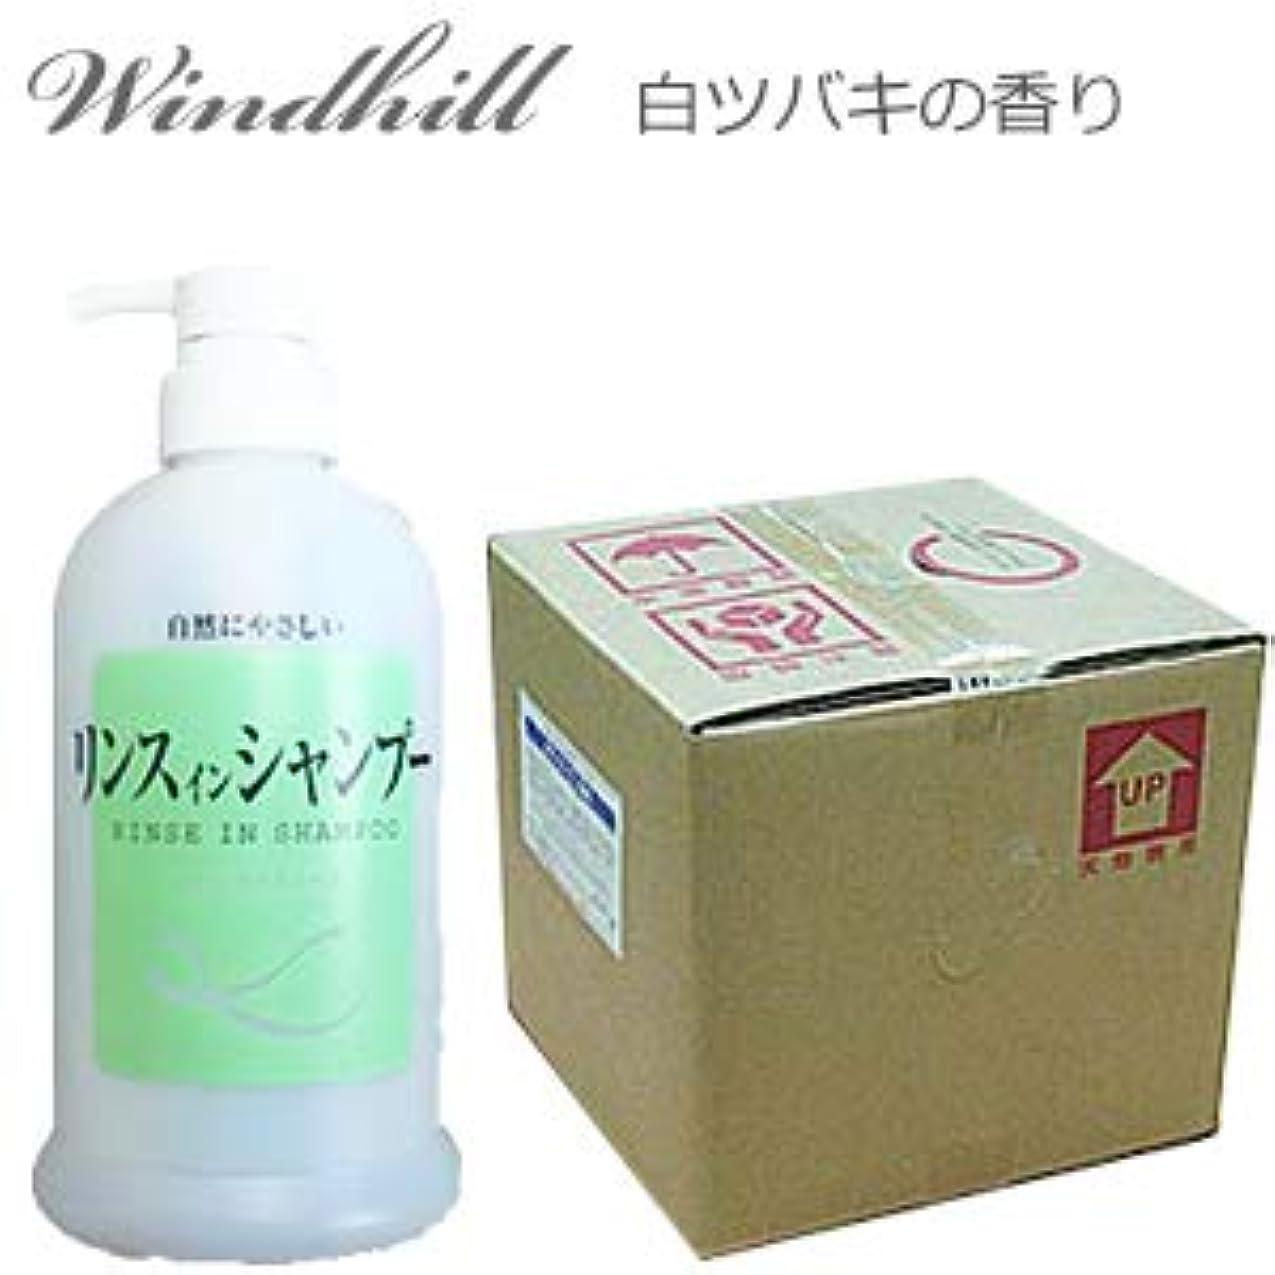 科学スクレーパー尊敬するなんと! 500ml当り175円 Windhill 植物性 業務用 リンスインシャンプー 白椿の香り